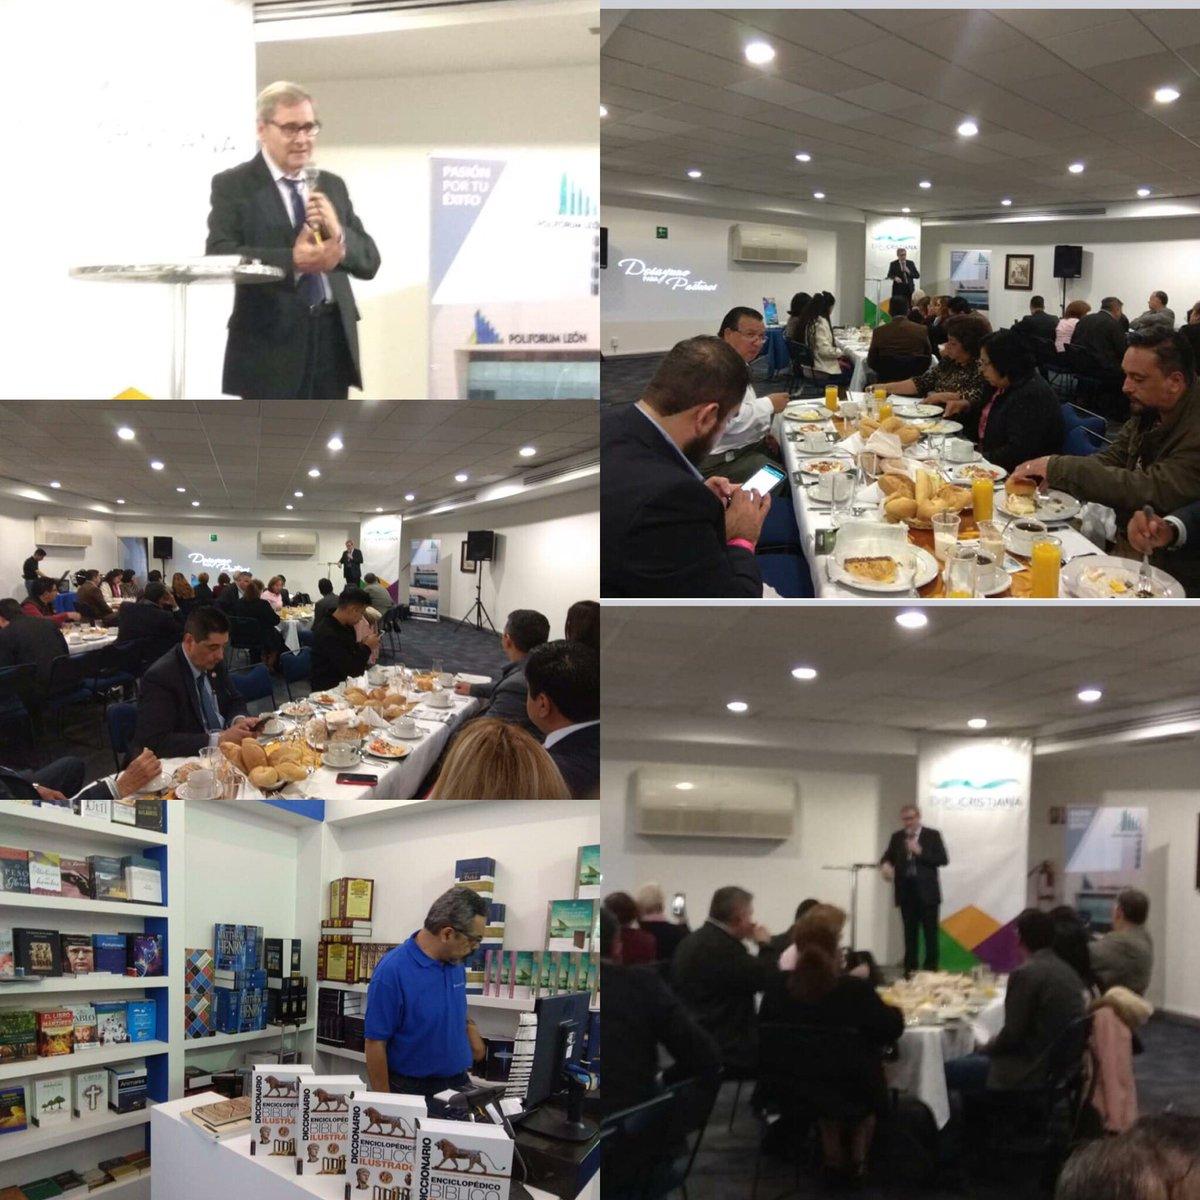 Exposición de Alfonso Ropero en el  desayuno con los pastores, en la inauguración de #expocristiana2018 #editorialclie